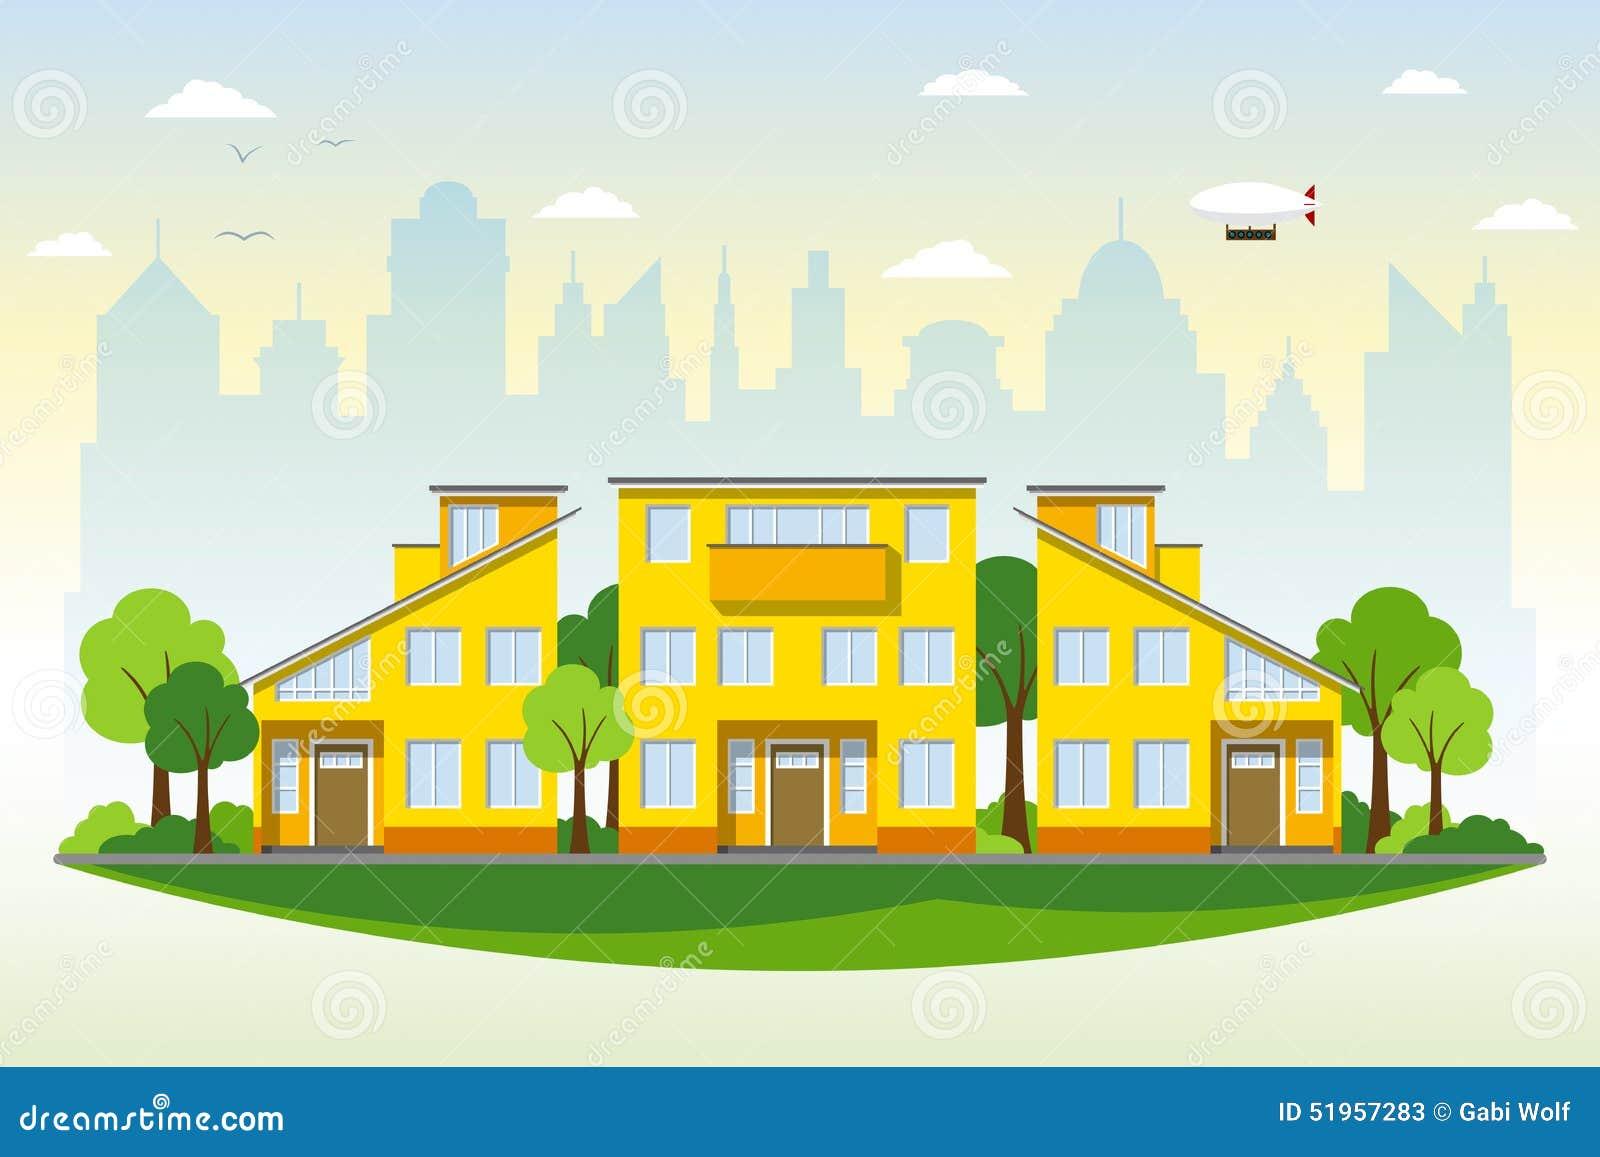 Belle case moderne illustrazione vettoriale illustrazione for Belle case moderne